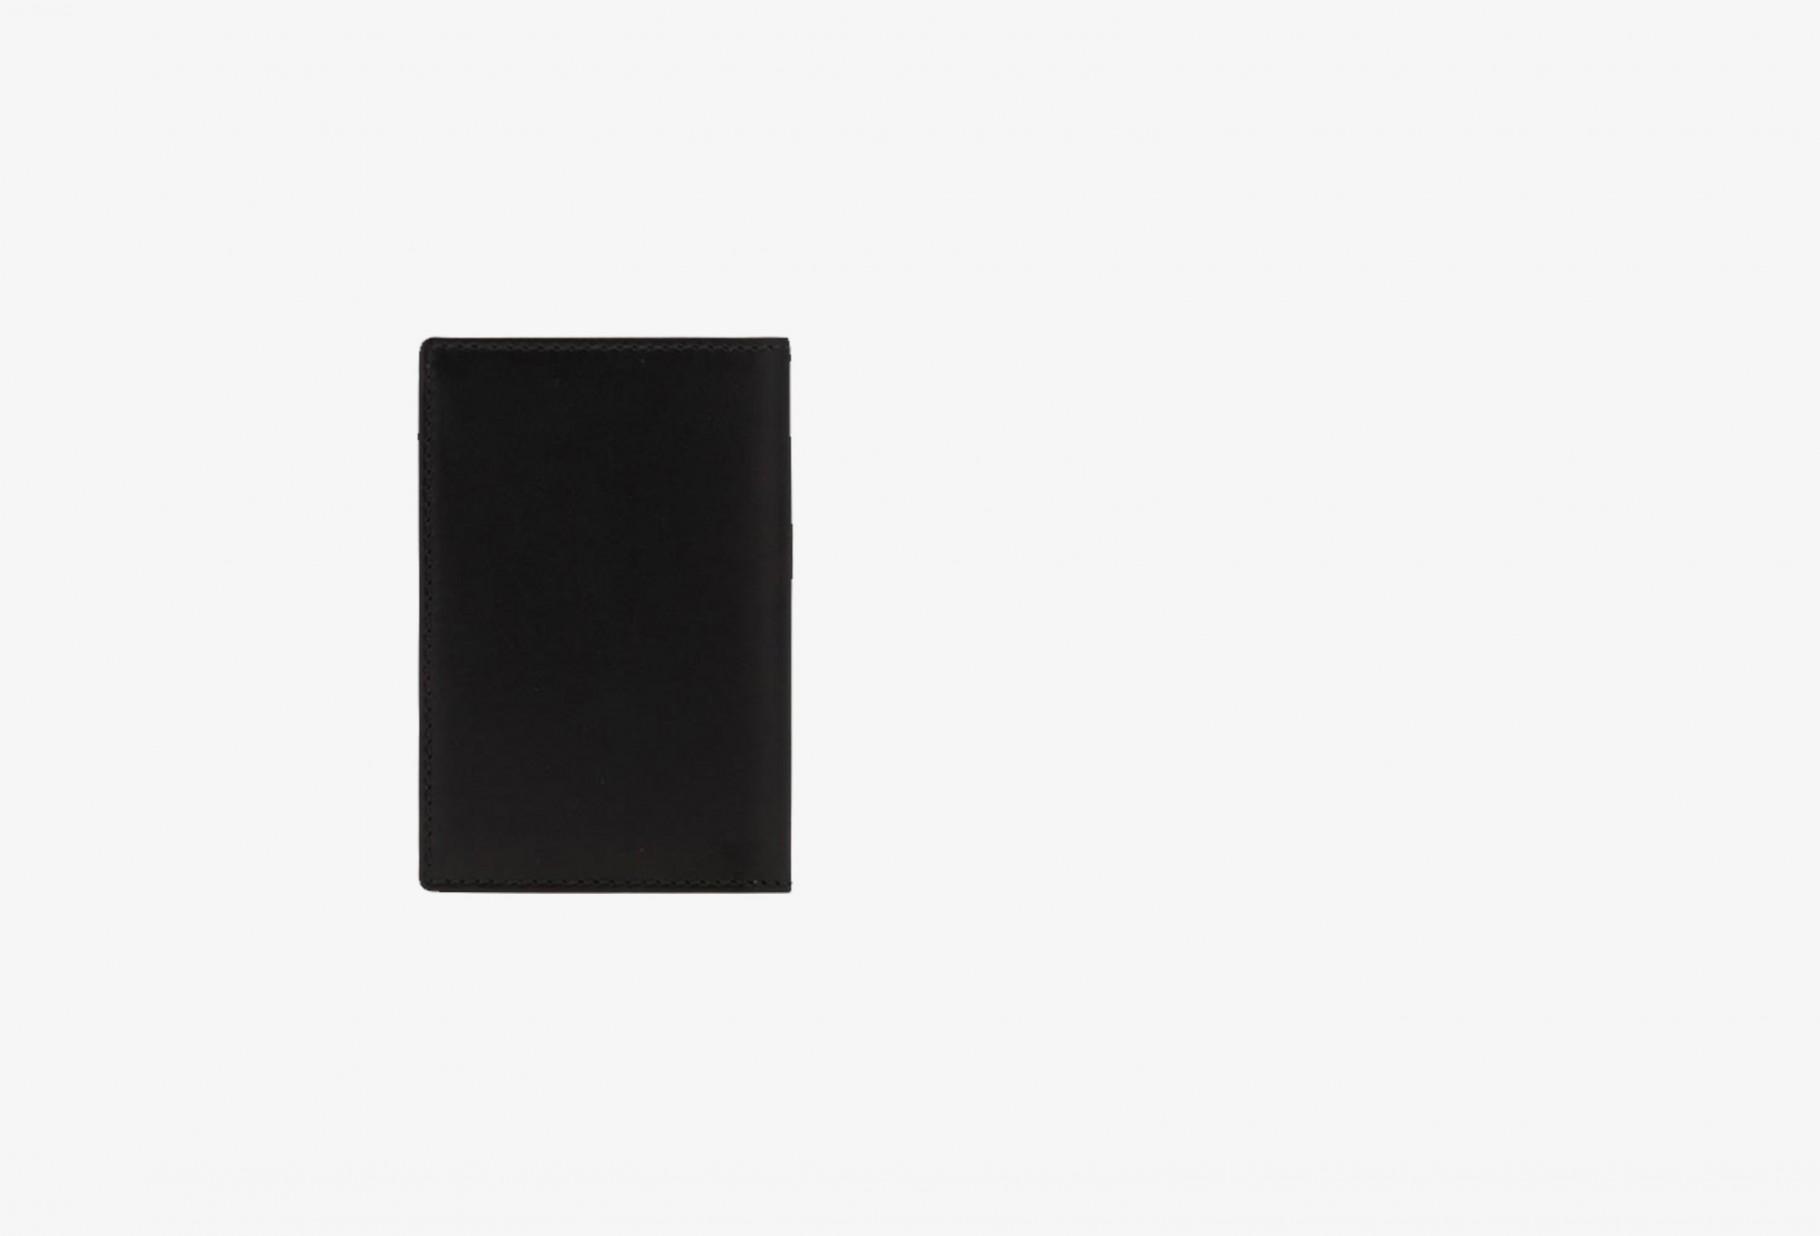 COMME DES GARÇONS WALLETS / Cdg leather wallet classic Sa6400 black